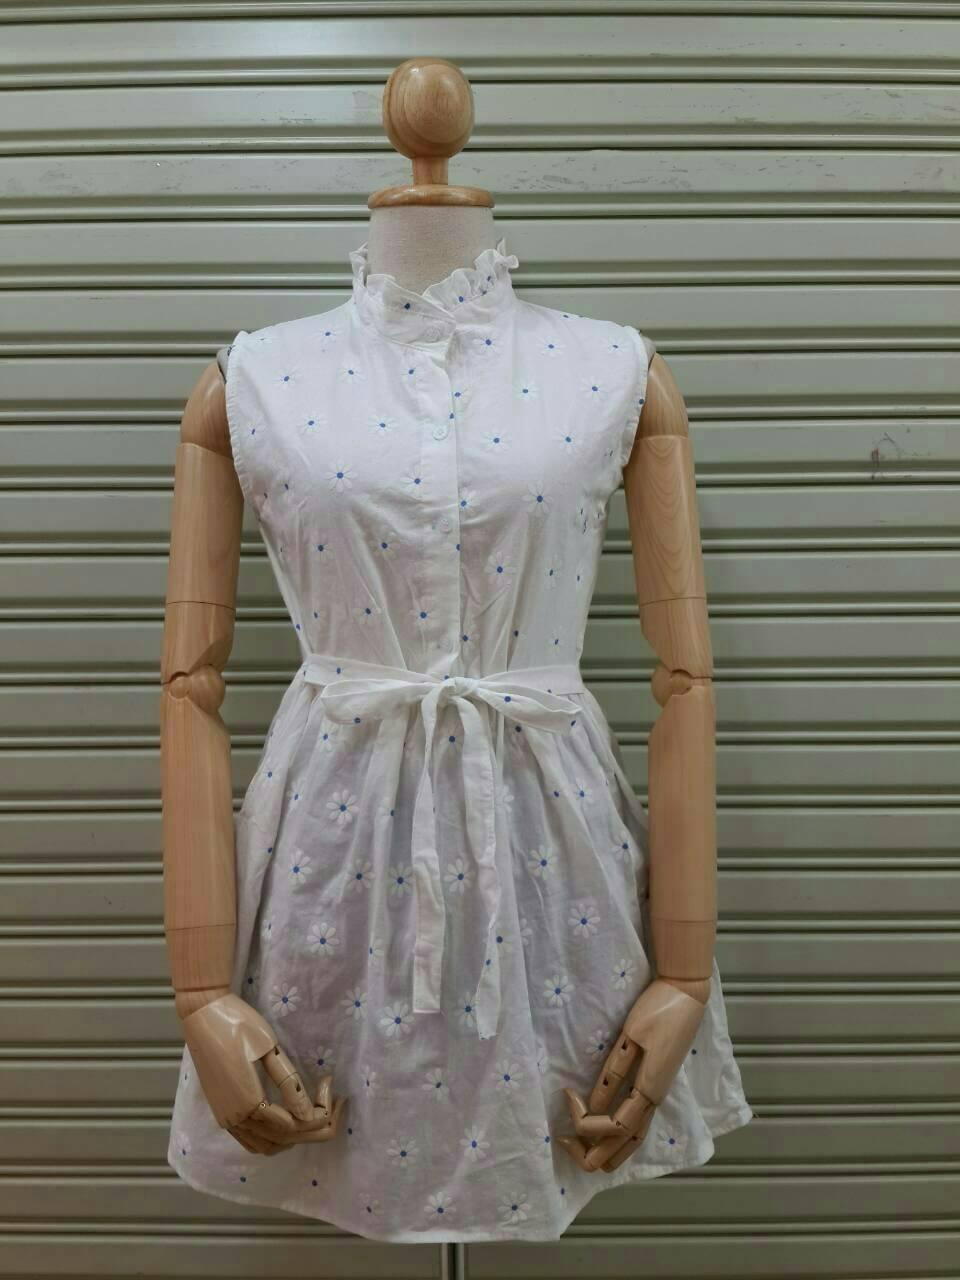 mini dress พิมพ์ลายดอกไม้ ผ้าทอ มีโบว์ผูกเอวค่ะ